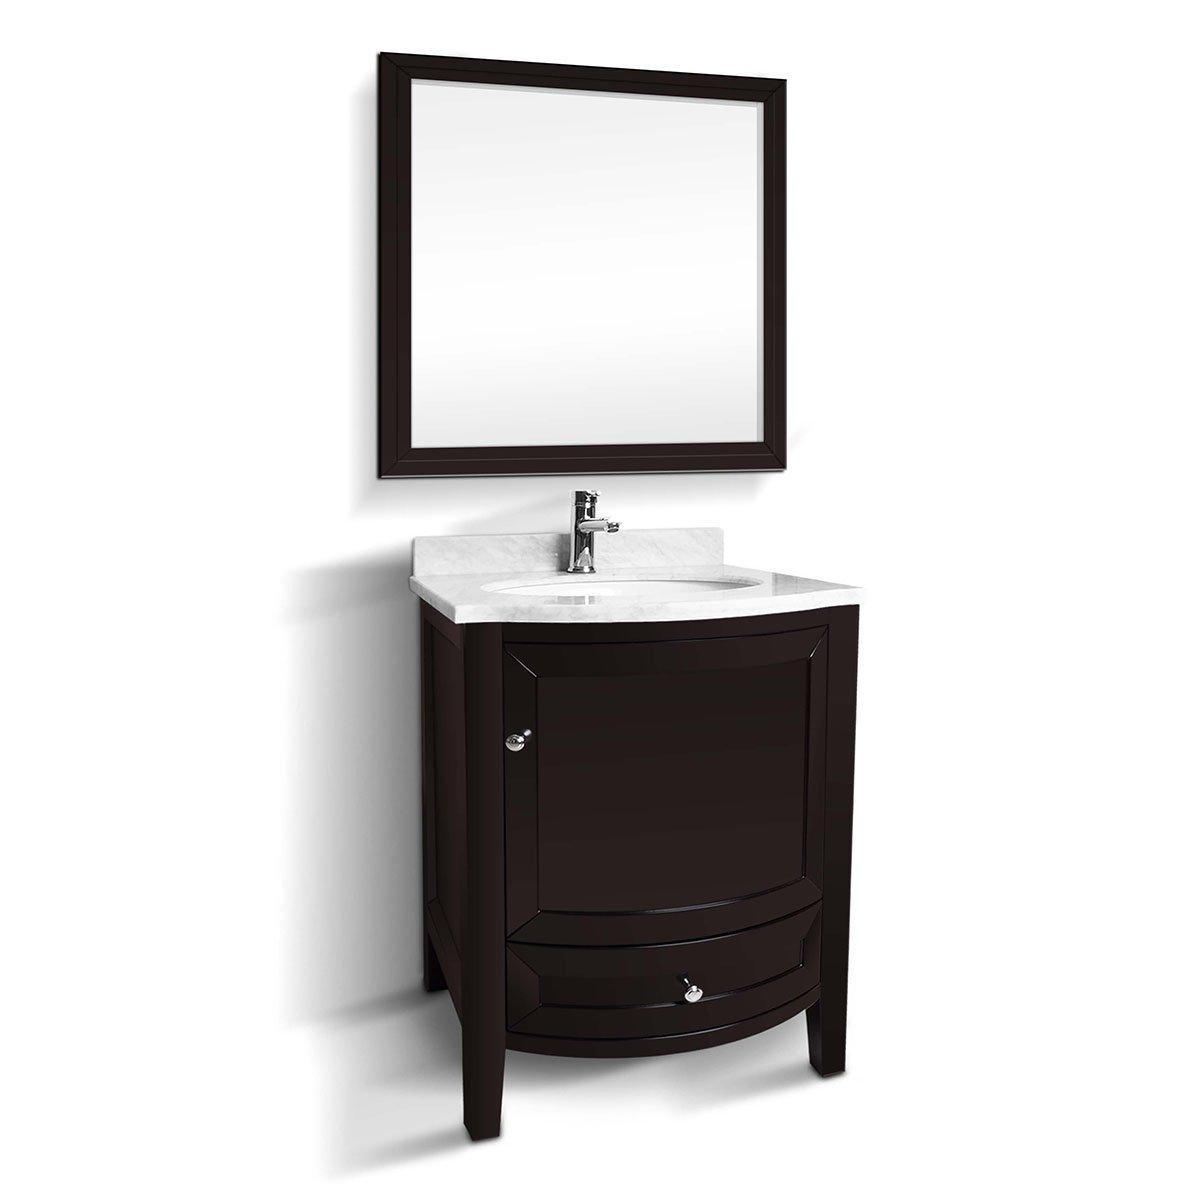 Mueble de ba o con lavabo y espejo sears com mx me - Mueble bano con espejo ...